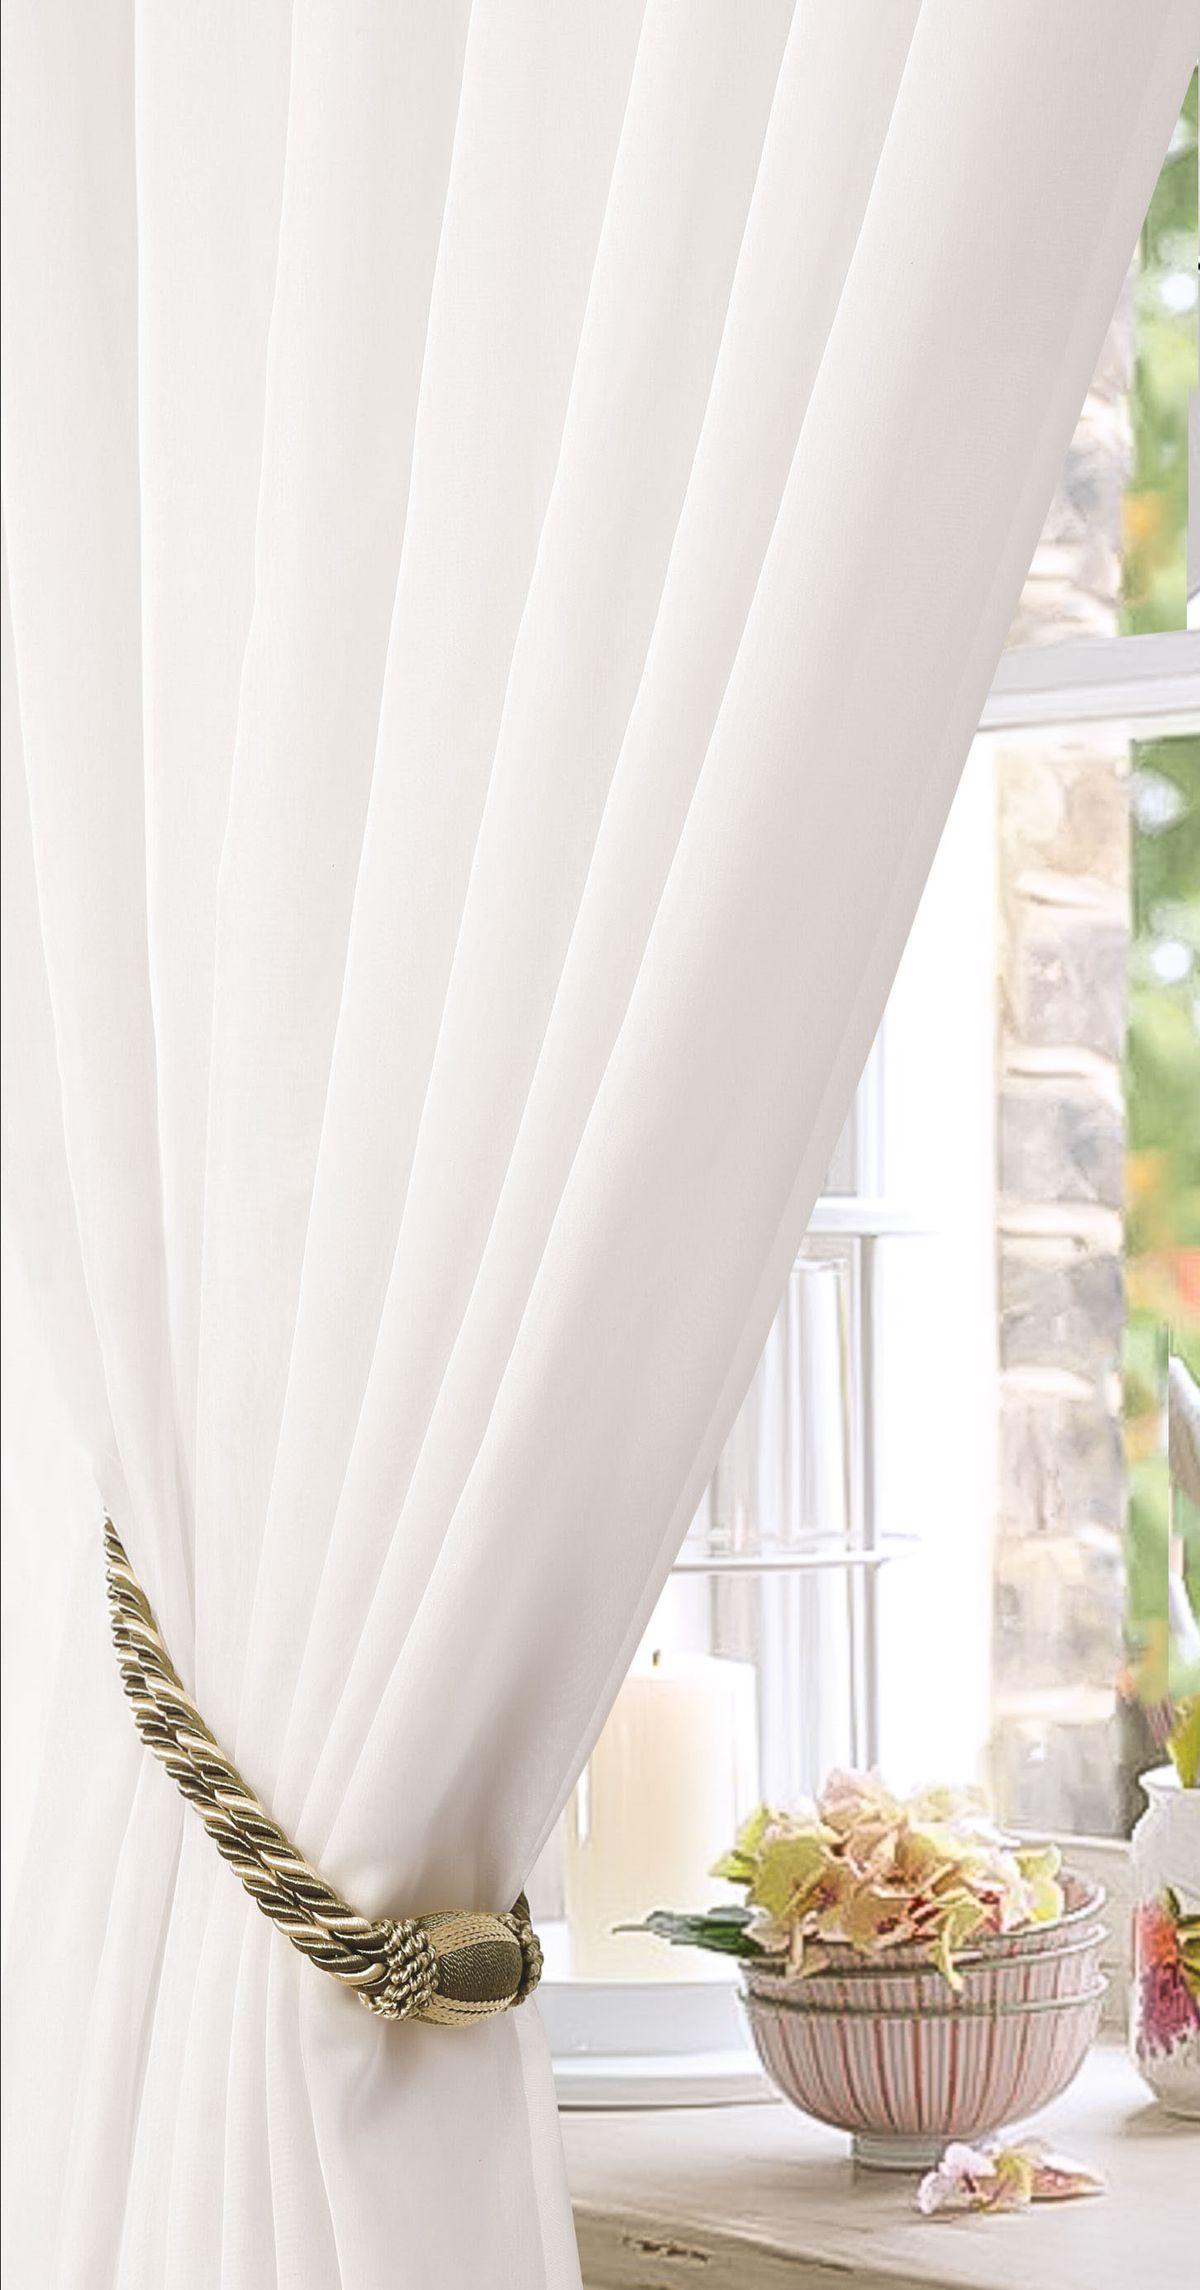 Штора готовая Garden, на ленте, однотонная, цвет: белый, 450х270 см. С W191 450х270 V70000С W191 450х270 V70000Тюлевая штора для гостиной Garden выполнена из легкой ткани, станет великолепным украшением любого окна. Воздушная ткань и приятная текстура создаст неповторимую атмосферу в вашем доме. Штора крепится на карниз при помощи ленты, которая поможет красиво и равномерно задрапировать верх.